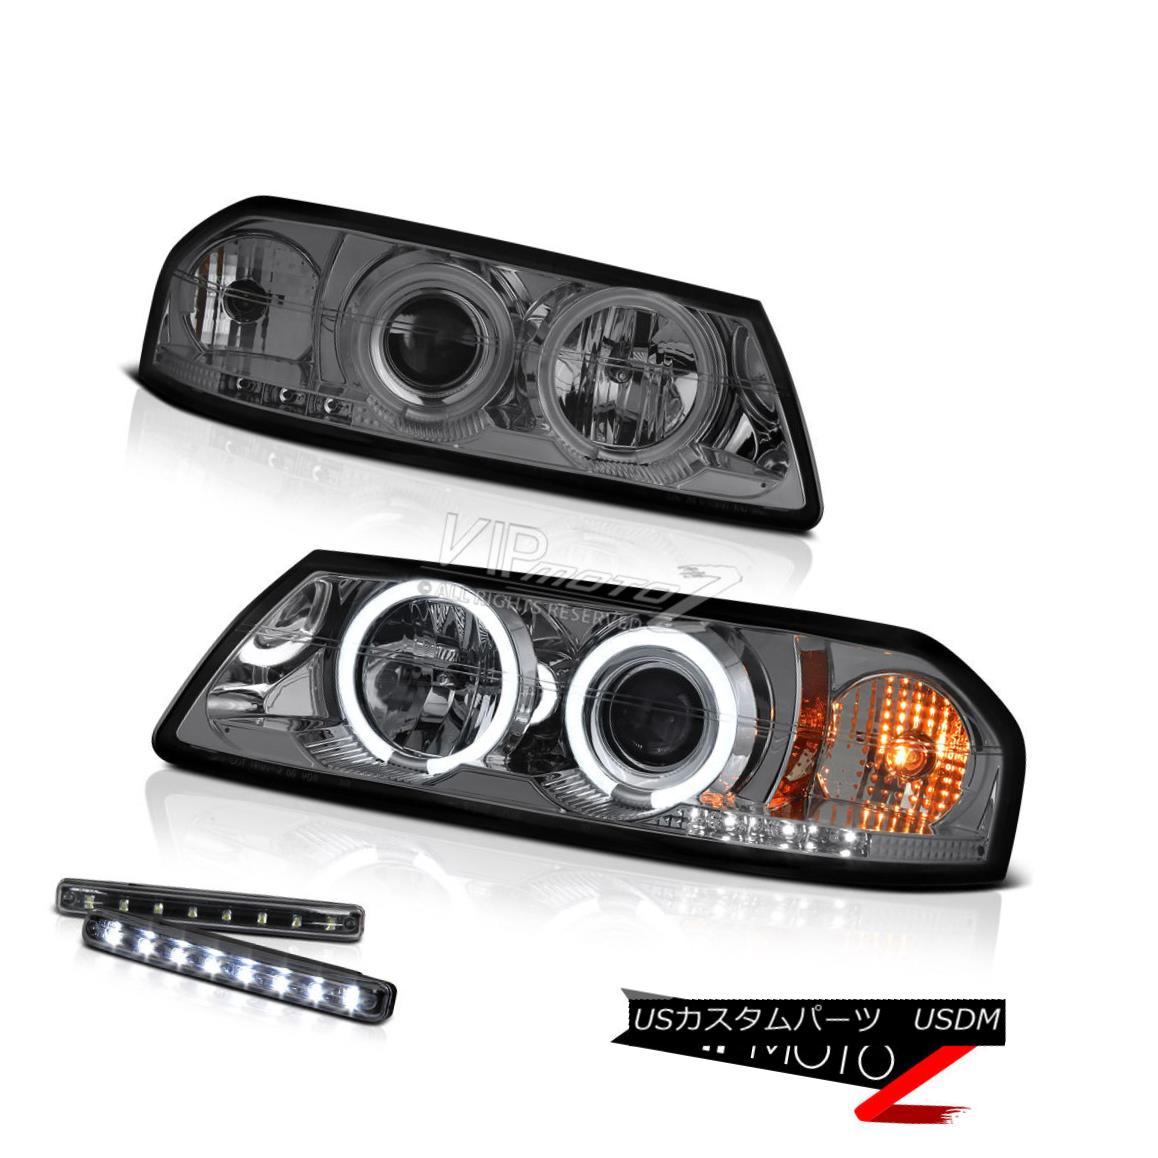 ヘッドライト >>LED LIGHT BAR KIT<< Smoke Projector Headlight+ CCFL Halo Rings 00-04 Impala &gt;&lt; LEDライトバーキット&lt; 煙プロジェクターヘッドライト+ CCFL Halo Rings 00-04インパラ